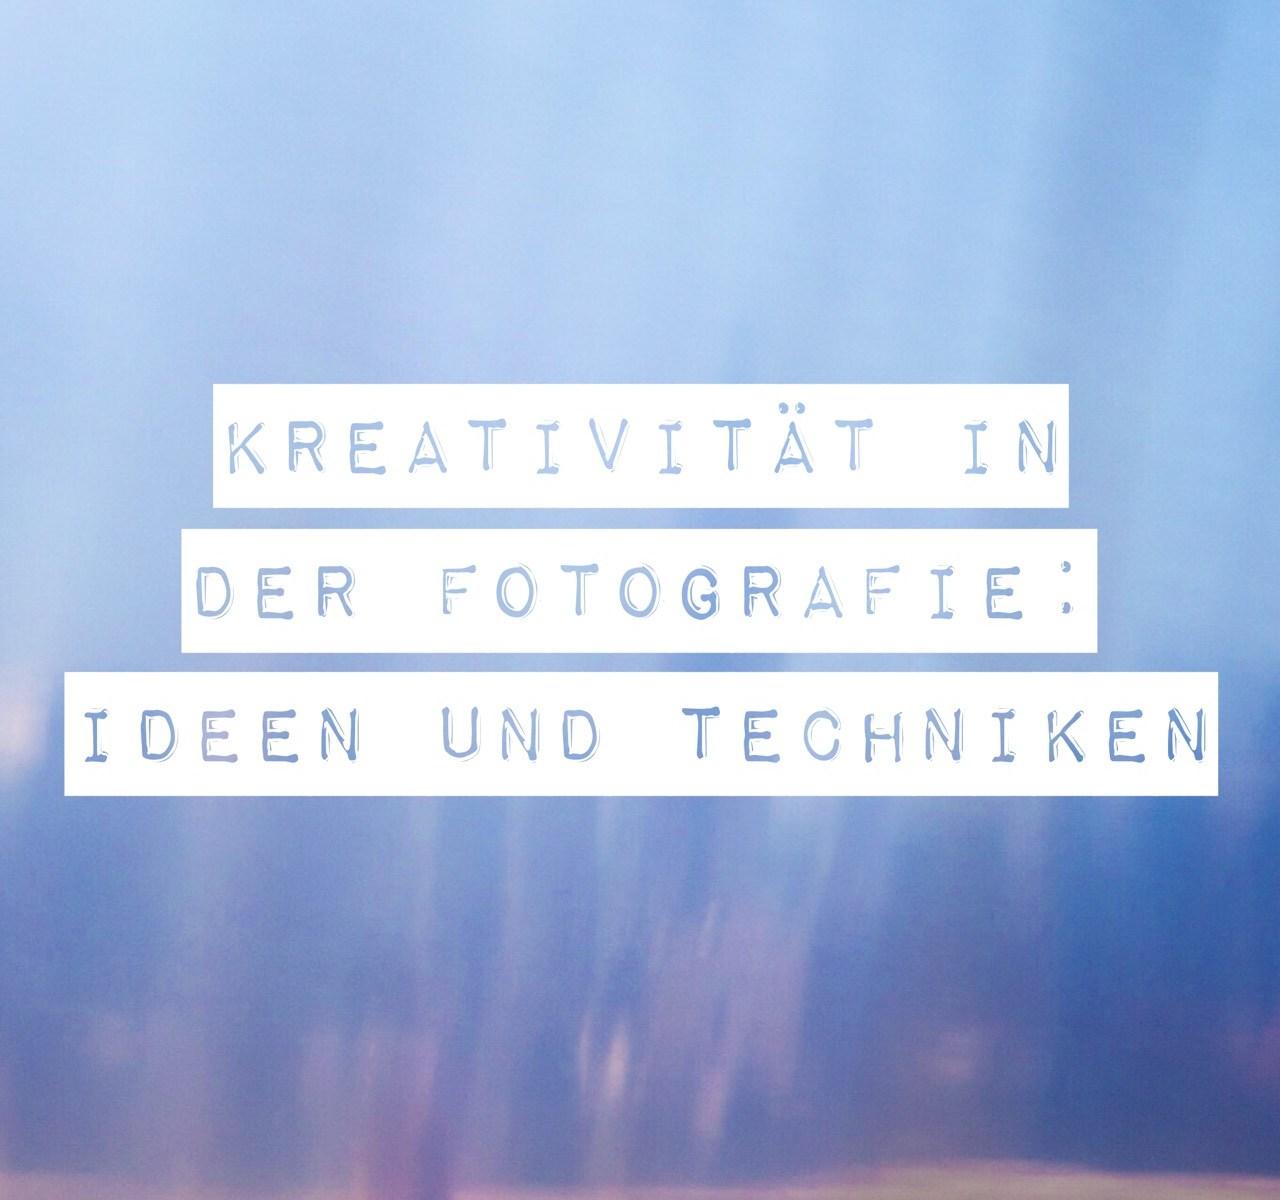 Kreativität in der Fotografie: Wie gehst Du es an?